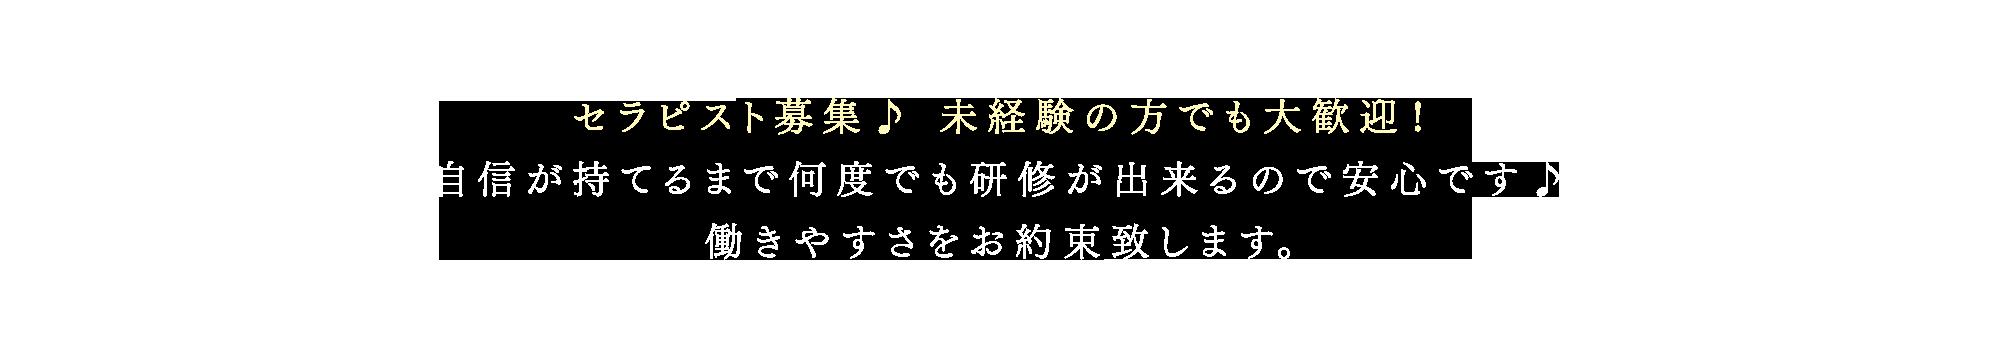 メインビジュアル画像3